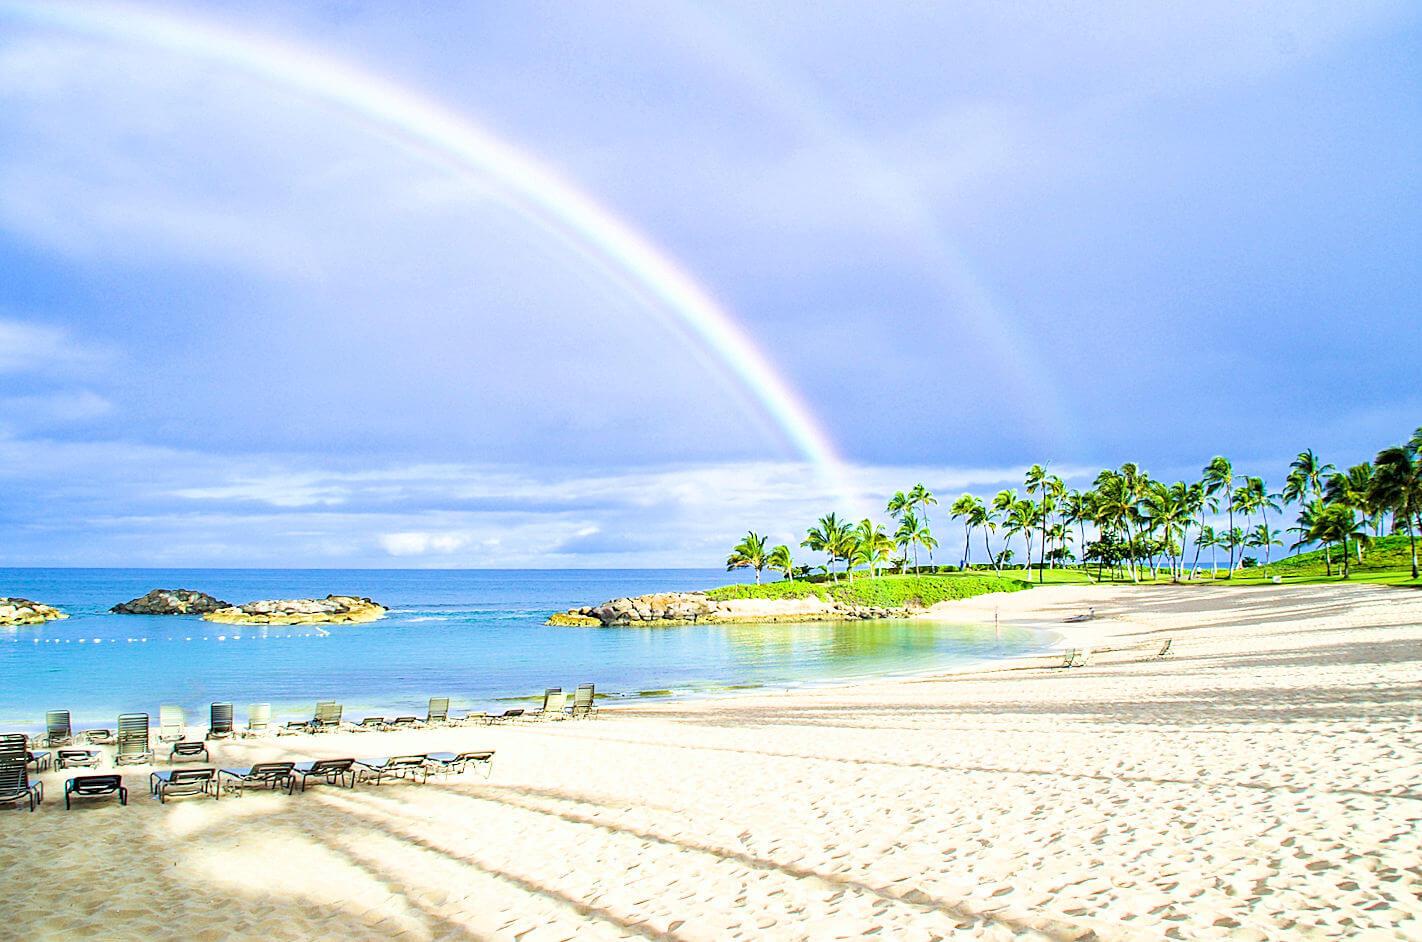 ハワイの美しいプライベートビーチ